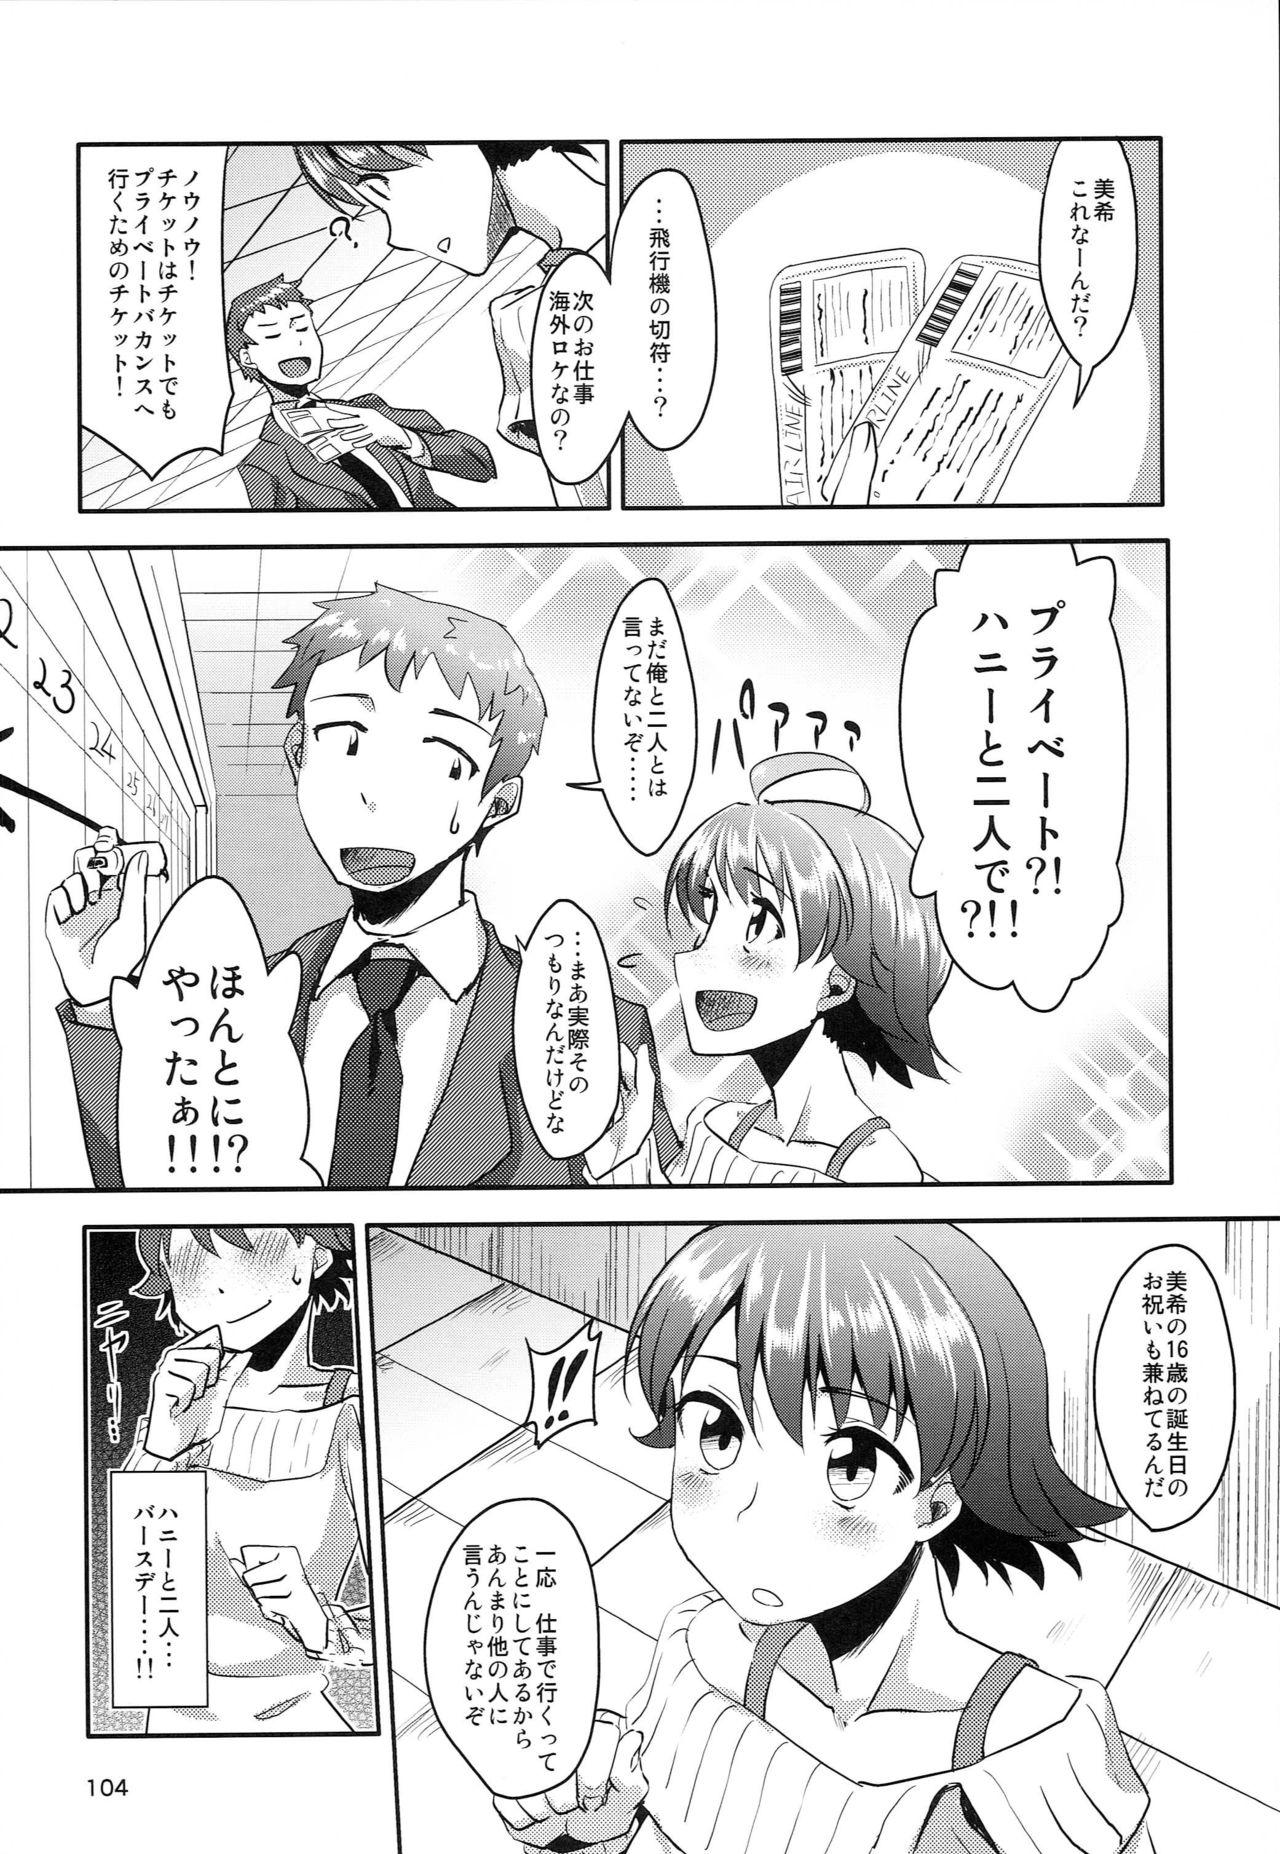 Hachimitsu Zuke 104